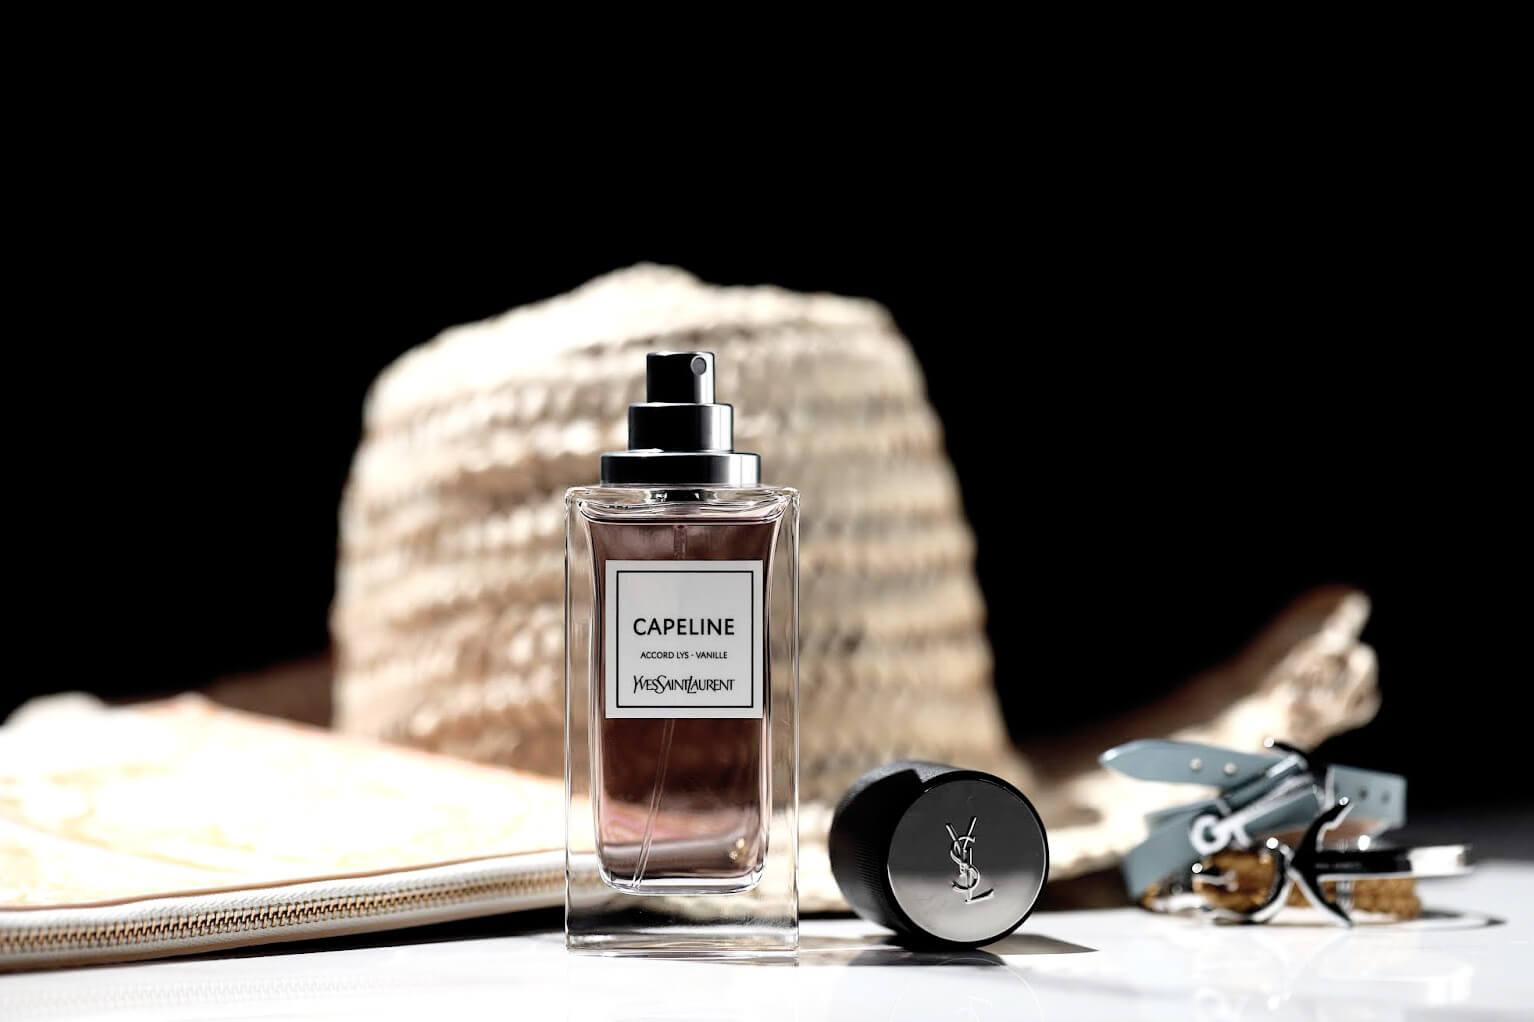 YSL Capeline Parfum critique